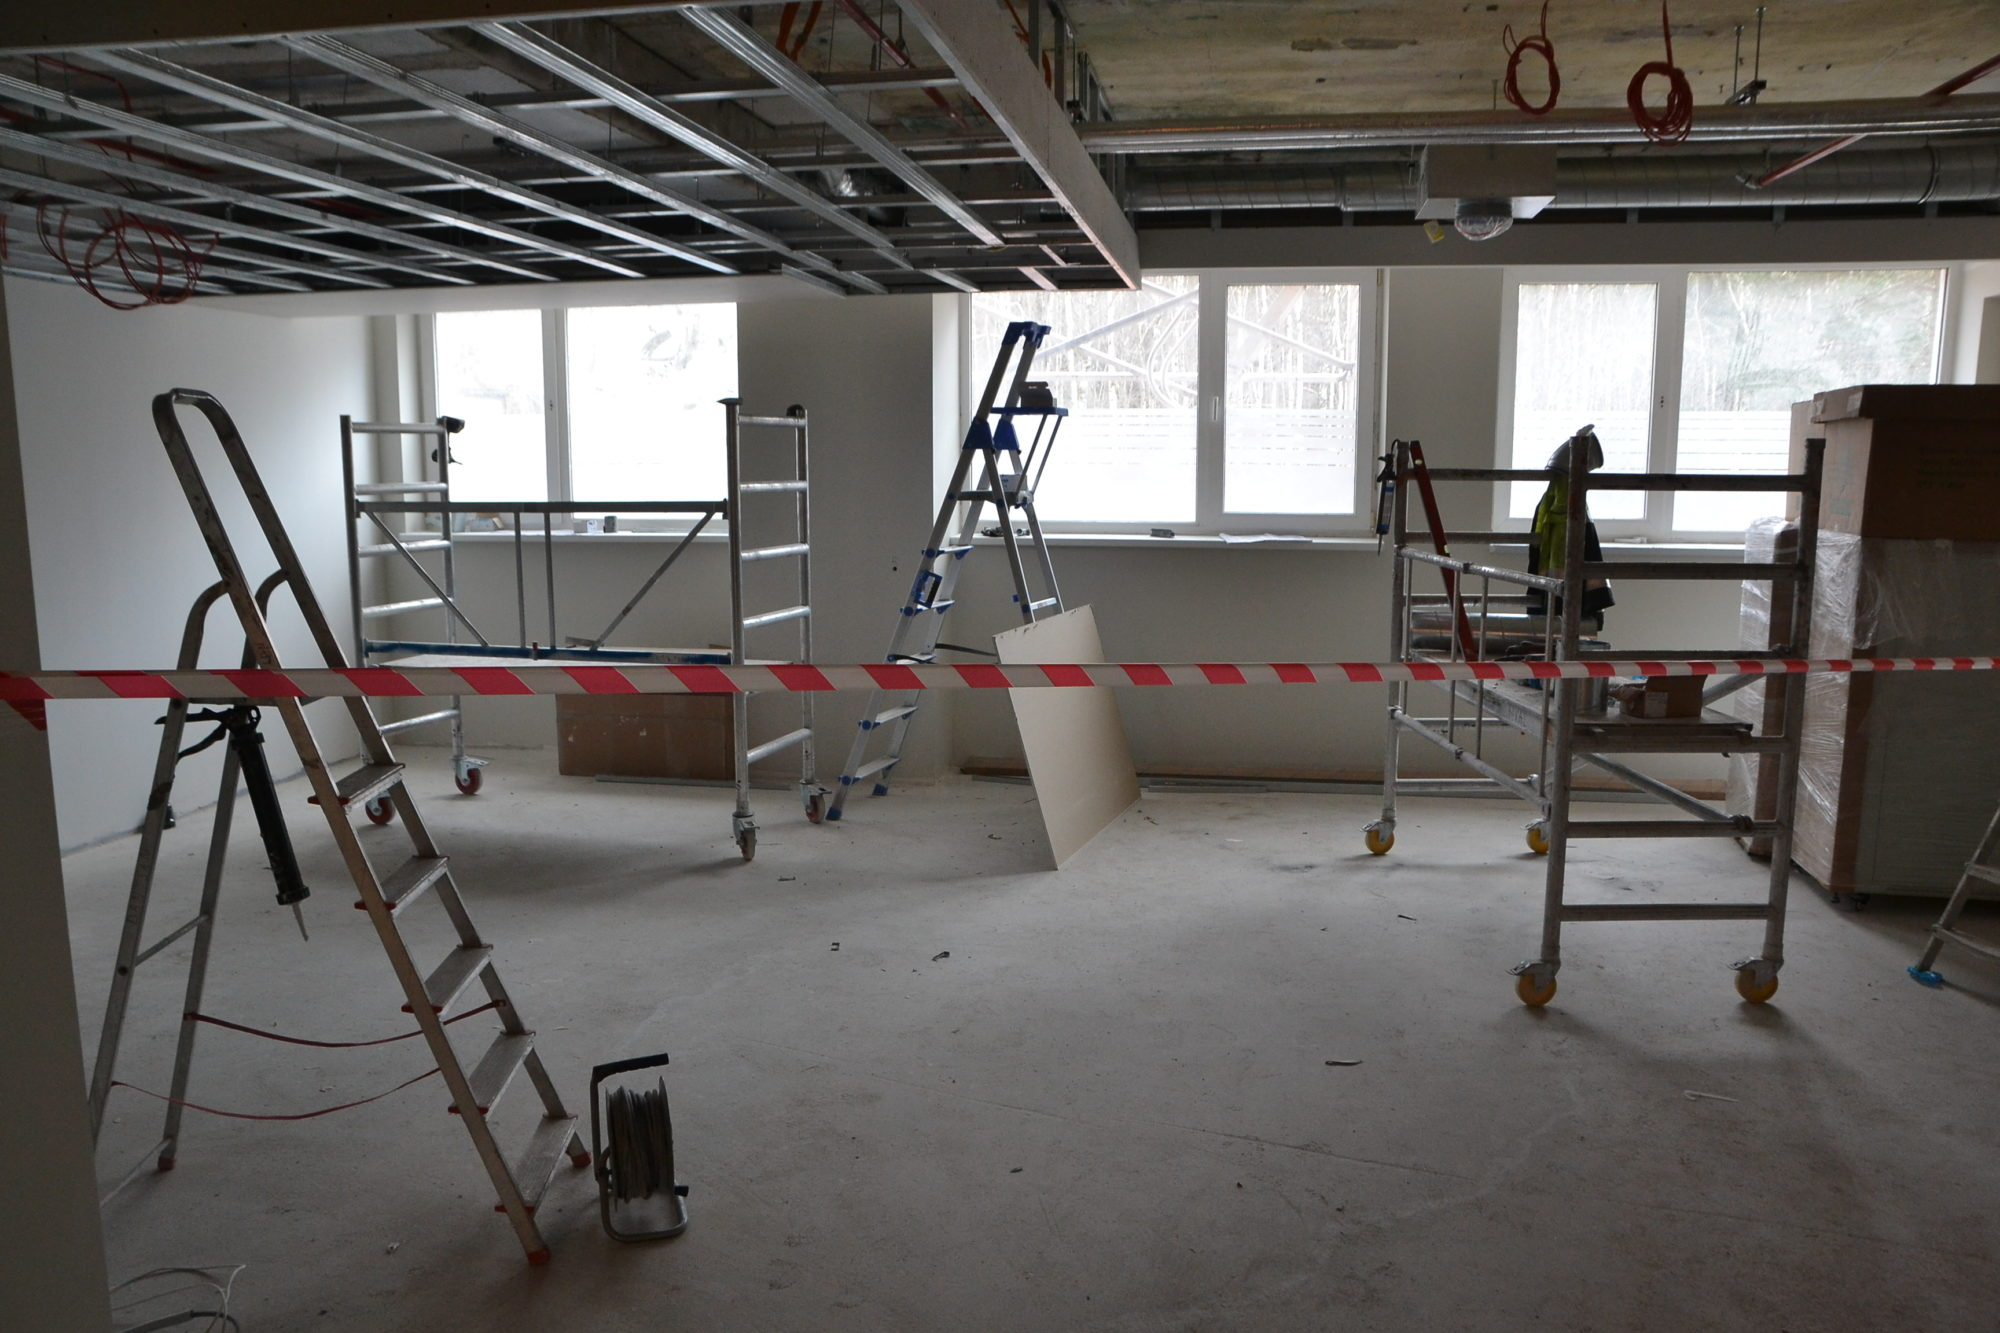 Liepājas slimnīcas remonts kopumā izmaksās nepilnus 17 miljonus eiro